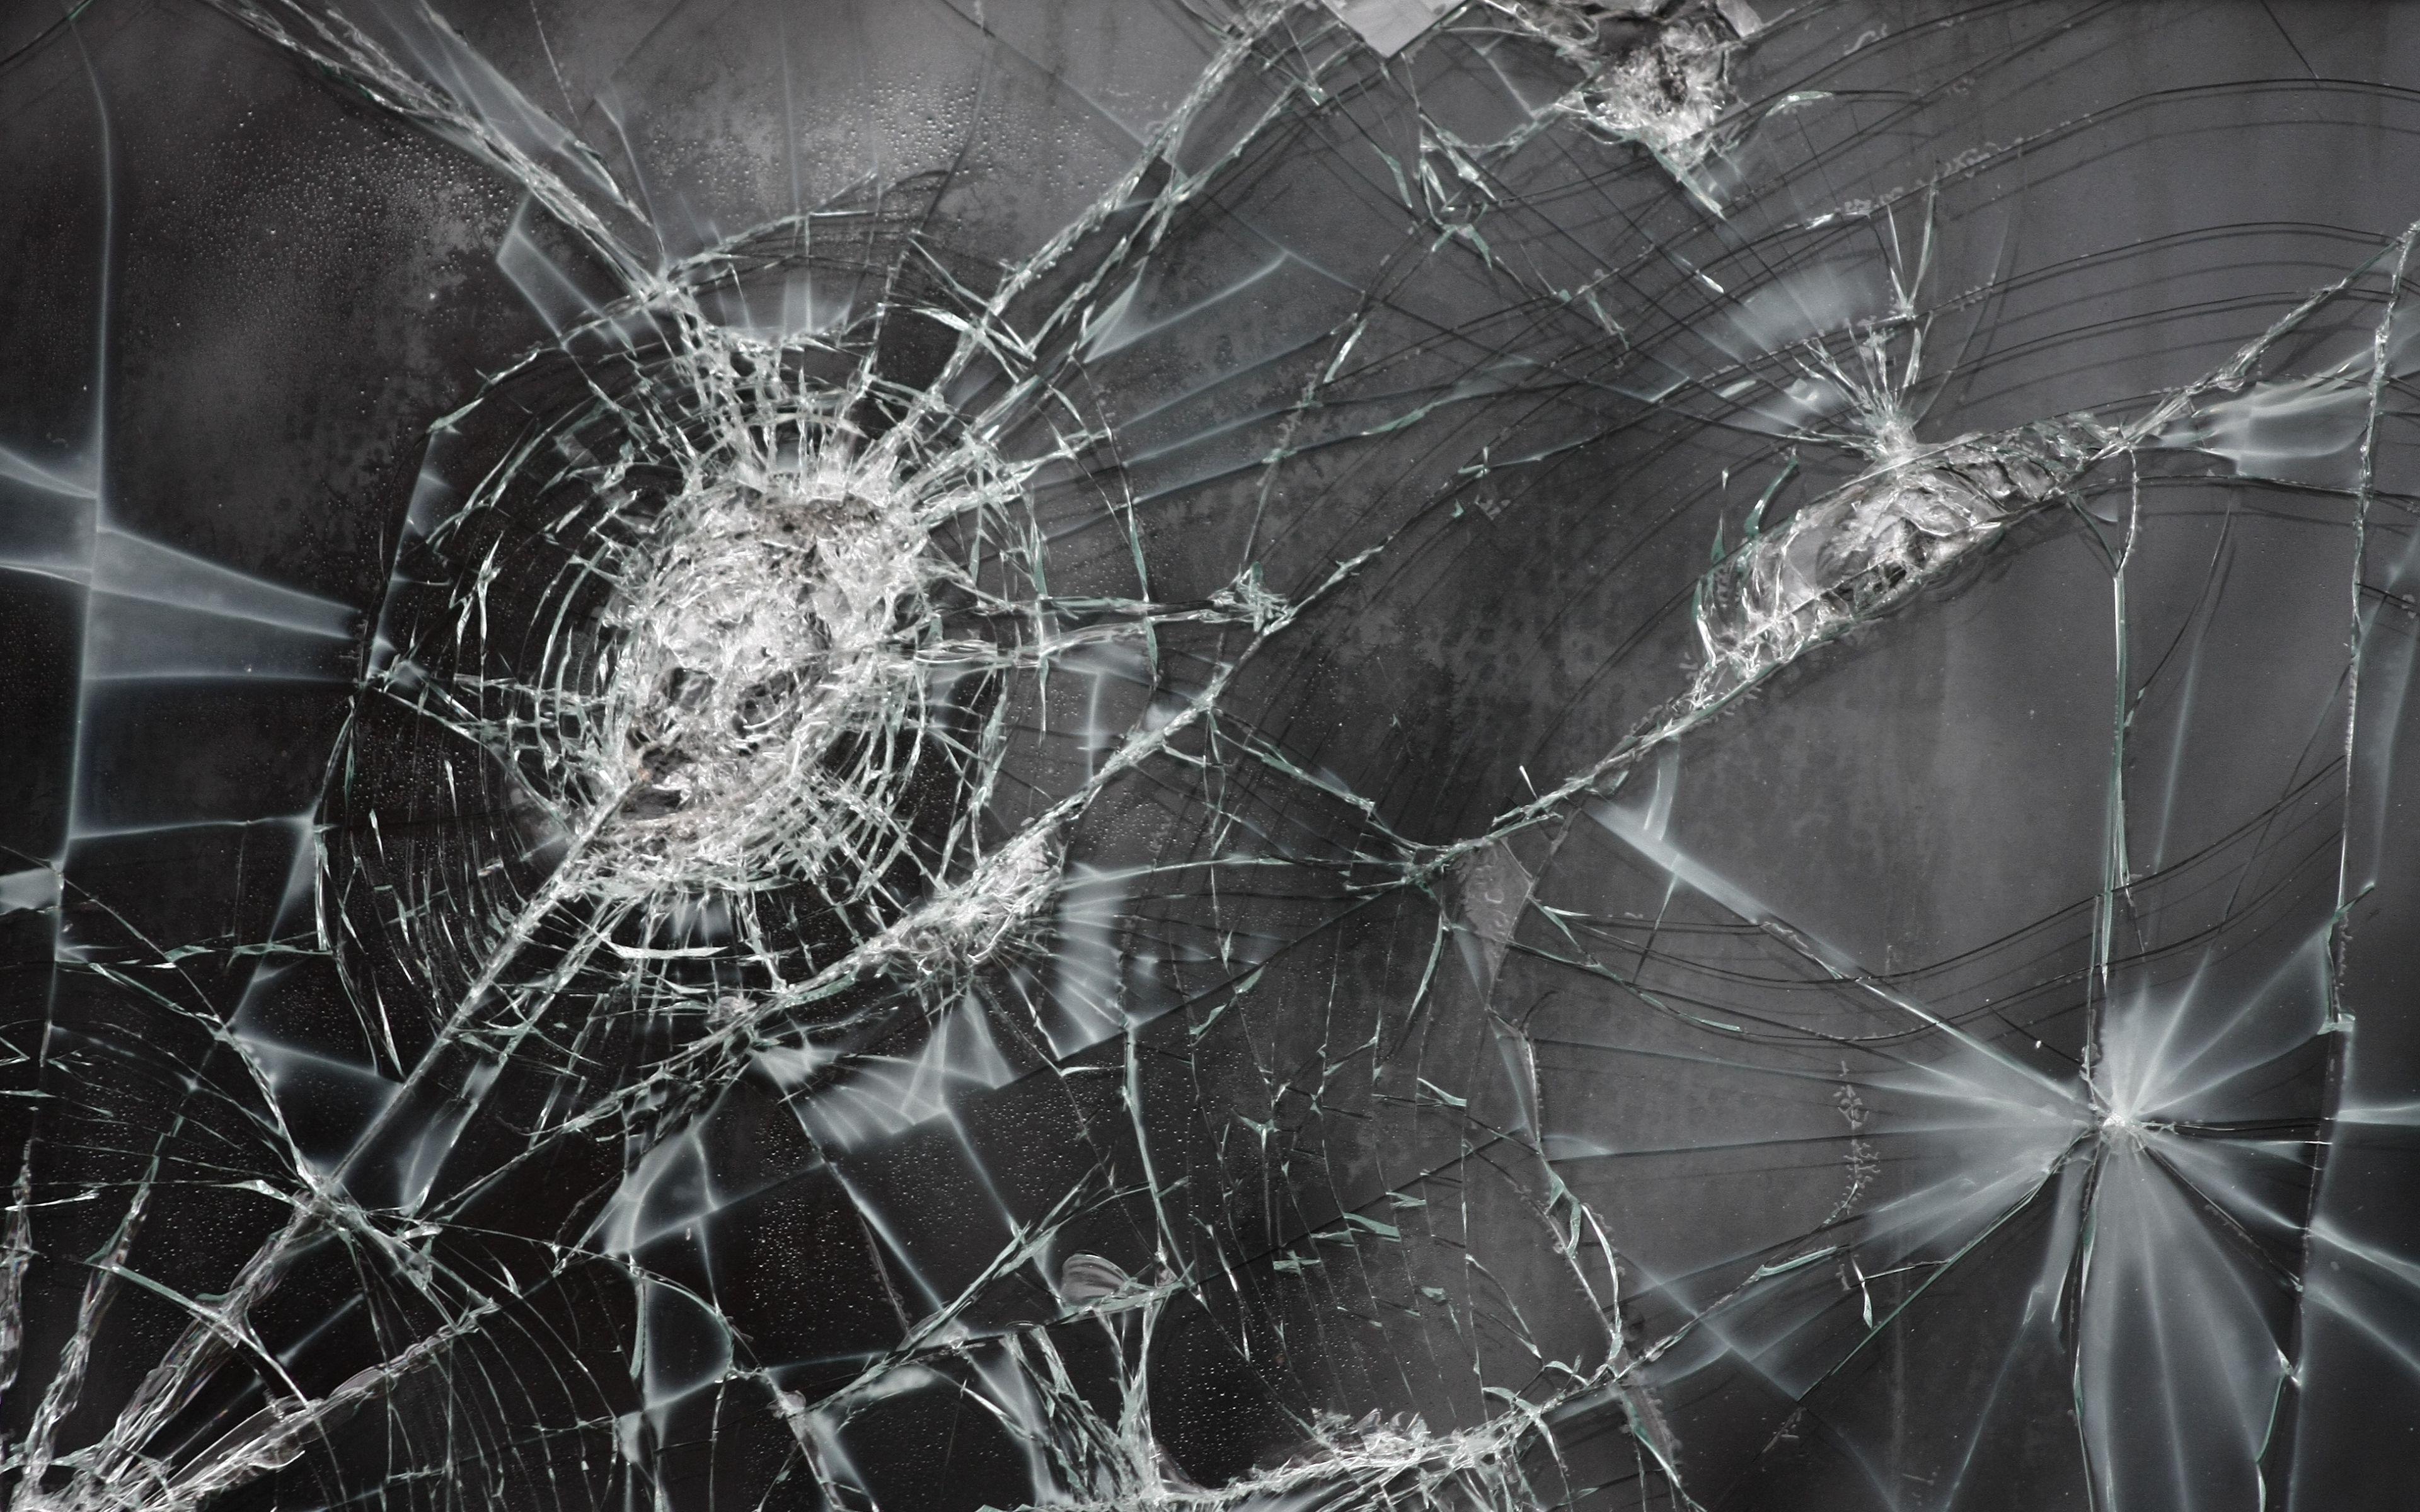 Jealous Broken Glass Wallpaper Wallpaper Backgrounds Glass Texture